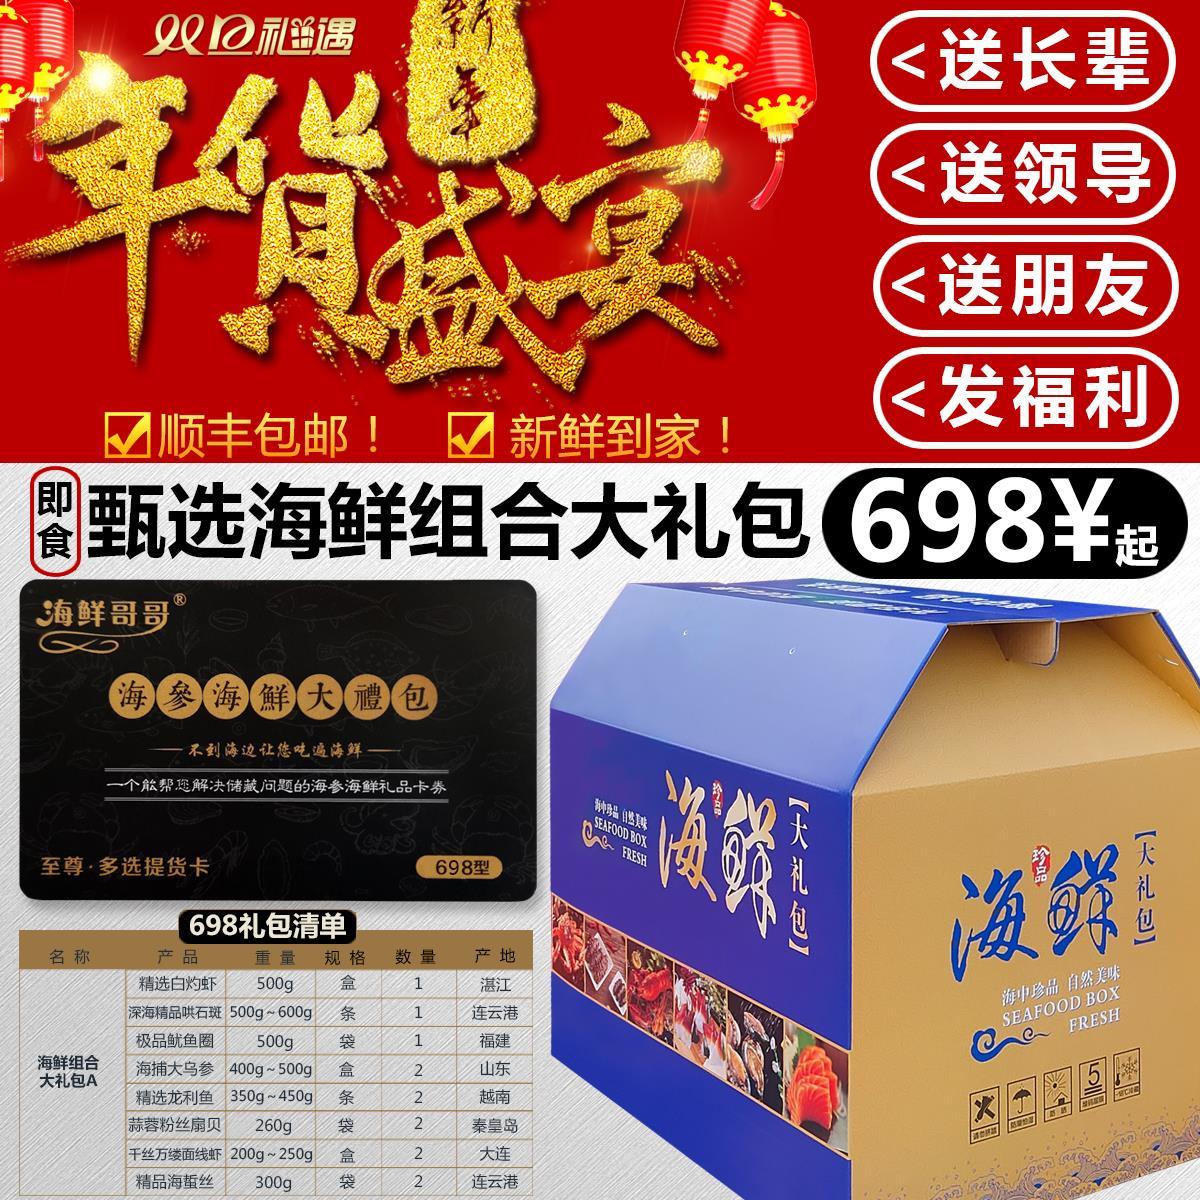 海参即食2500g威海冷冻有机刺参40只海鲜海参年货礼盒